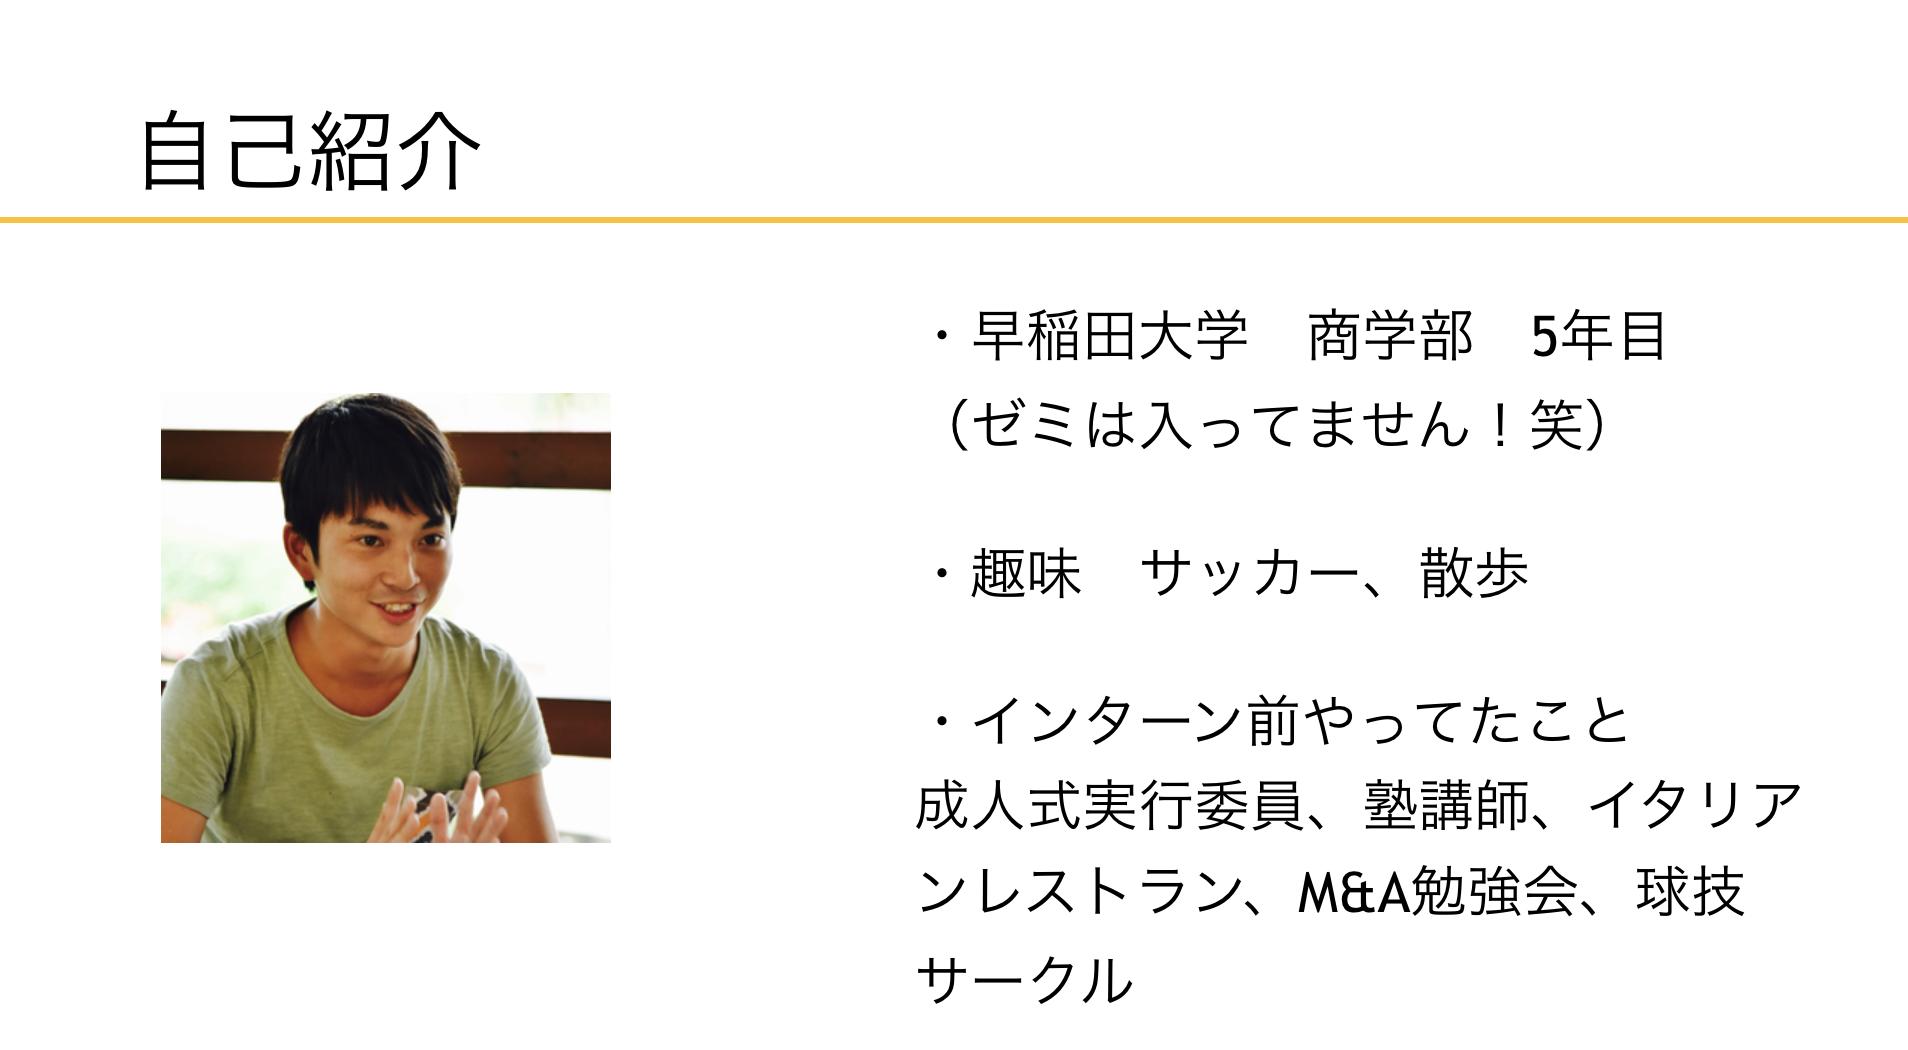 member_blog_754_5a06a25014e24.png